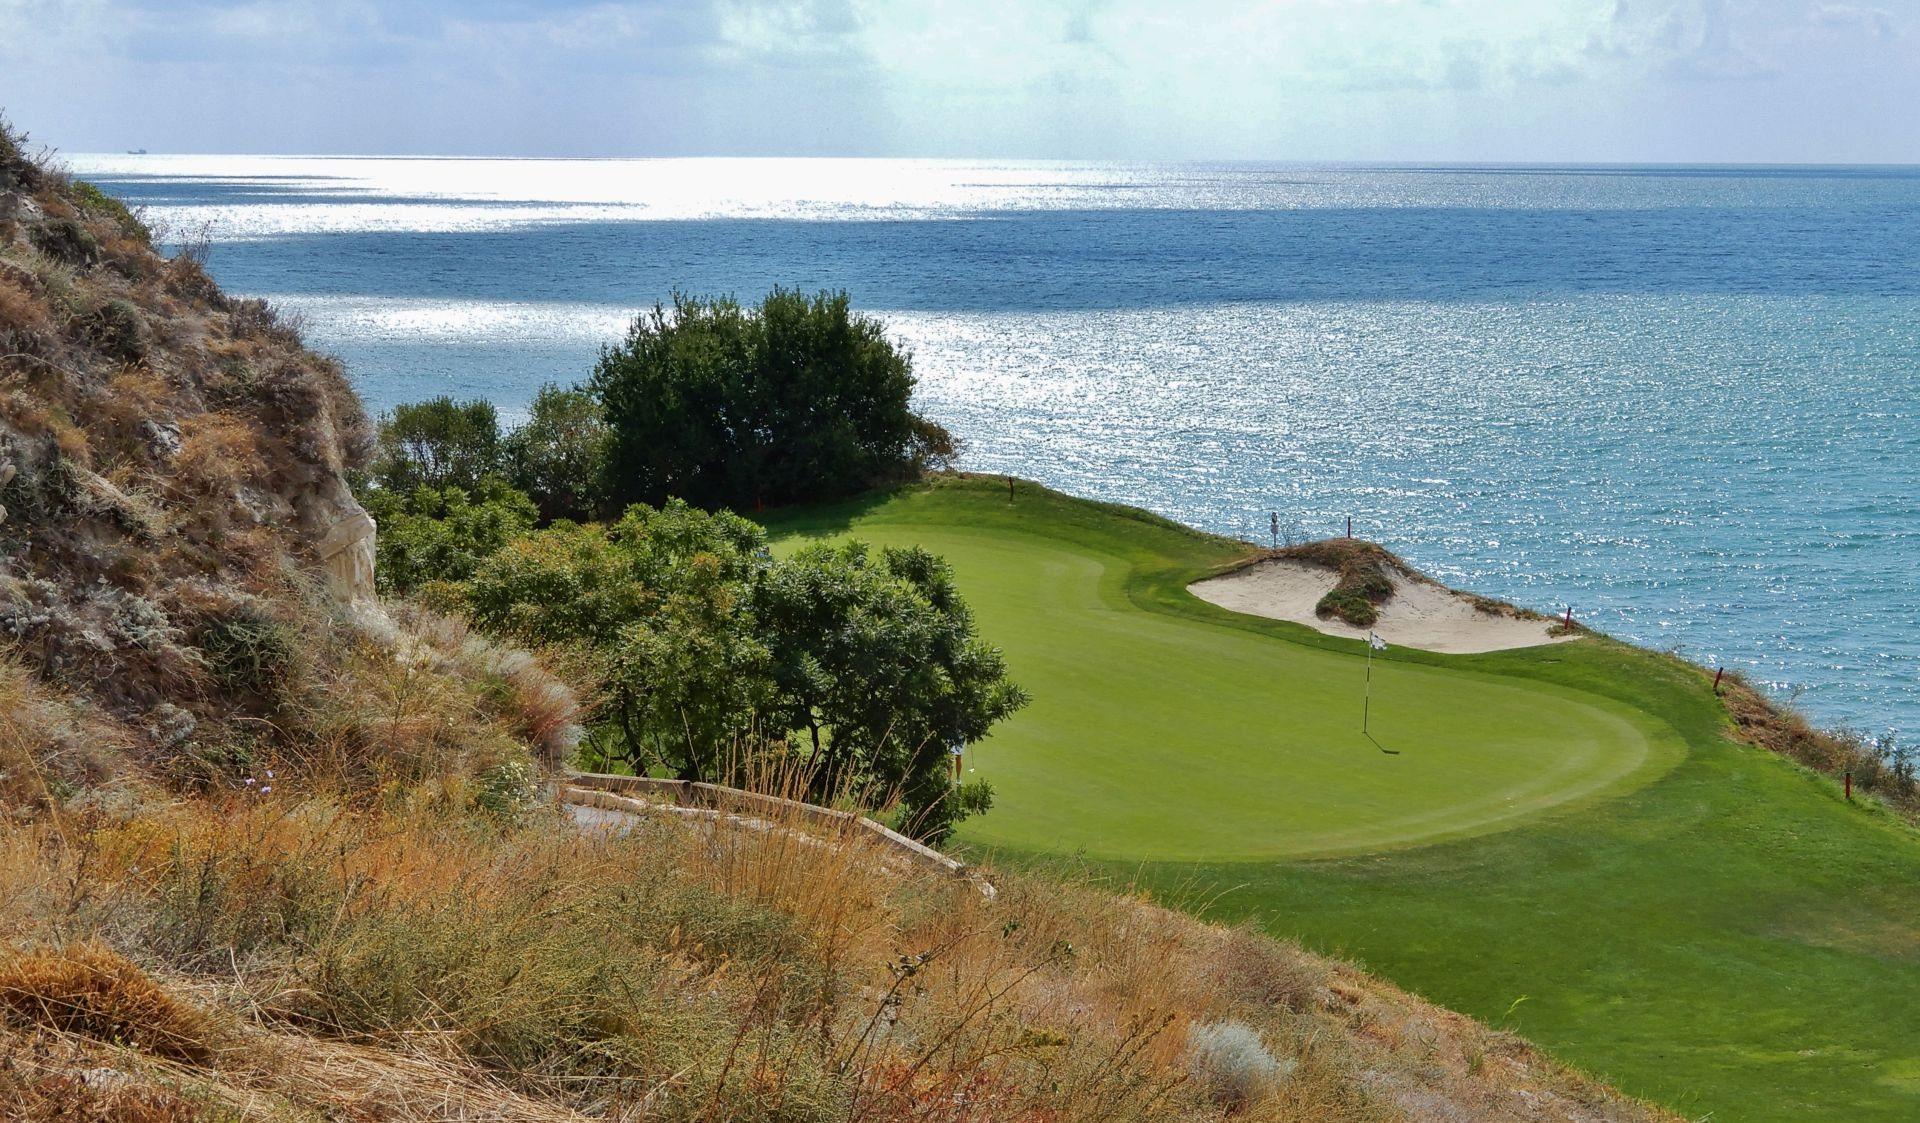 Golf-Gruppenreise-Bulgarien-Thracian-Cliffs-Reisebericht-GC-Thracian-Cliffs-Course-6